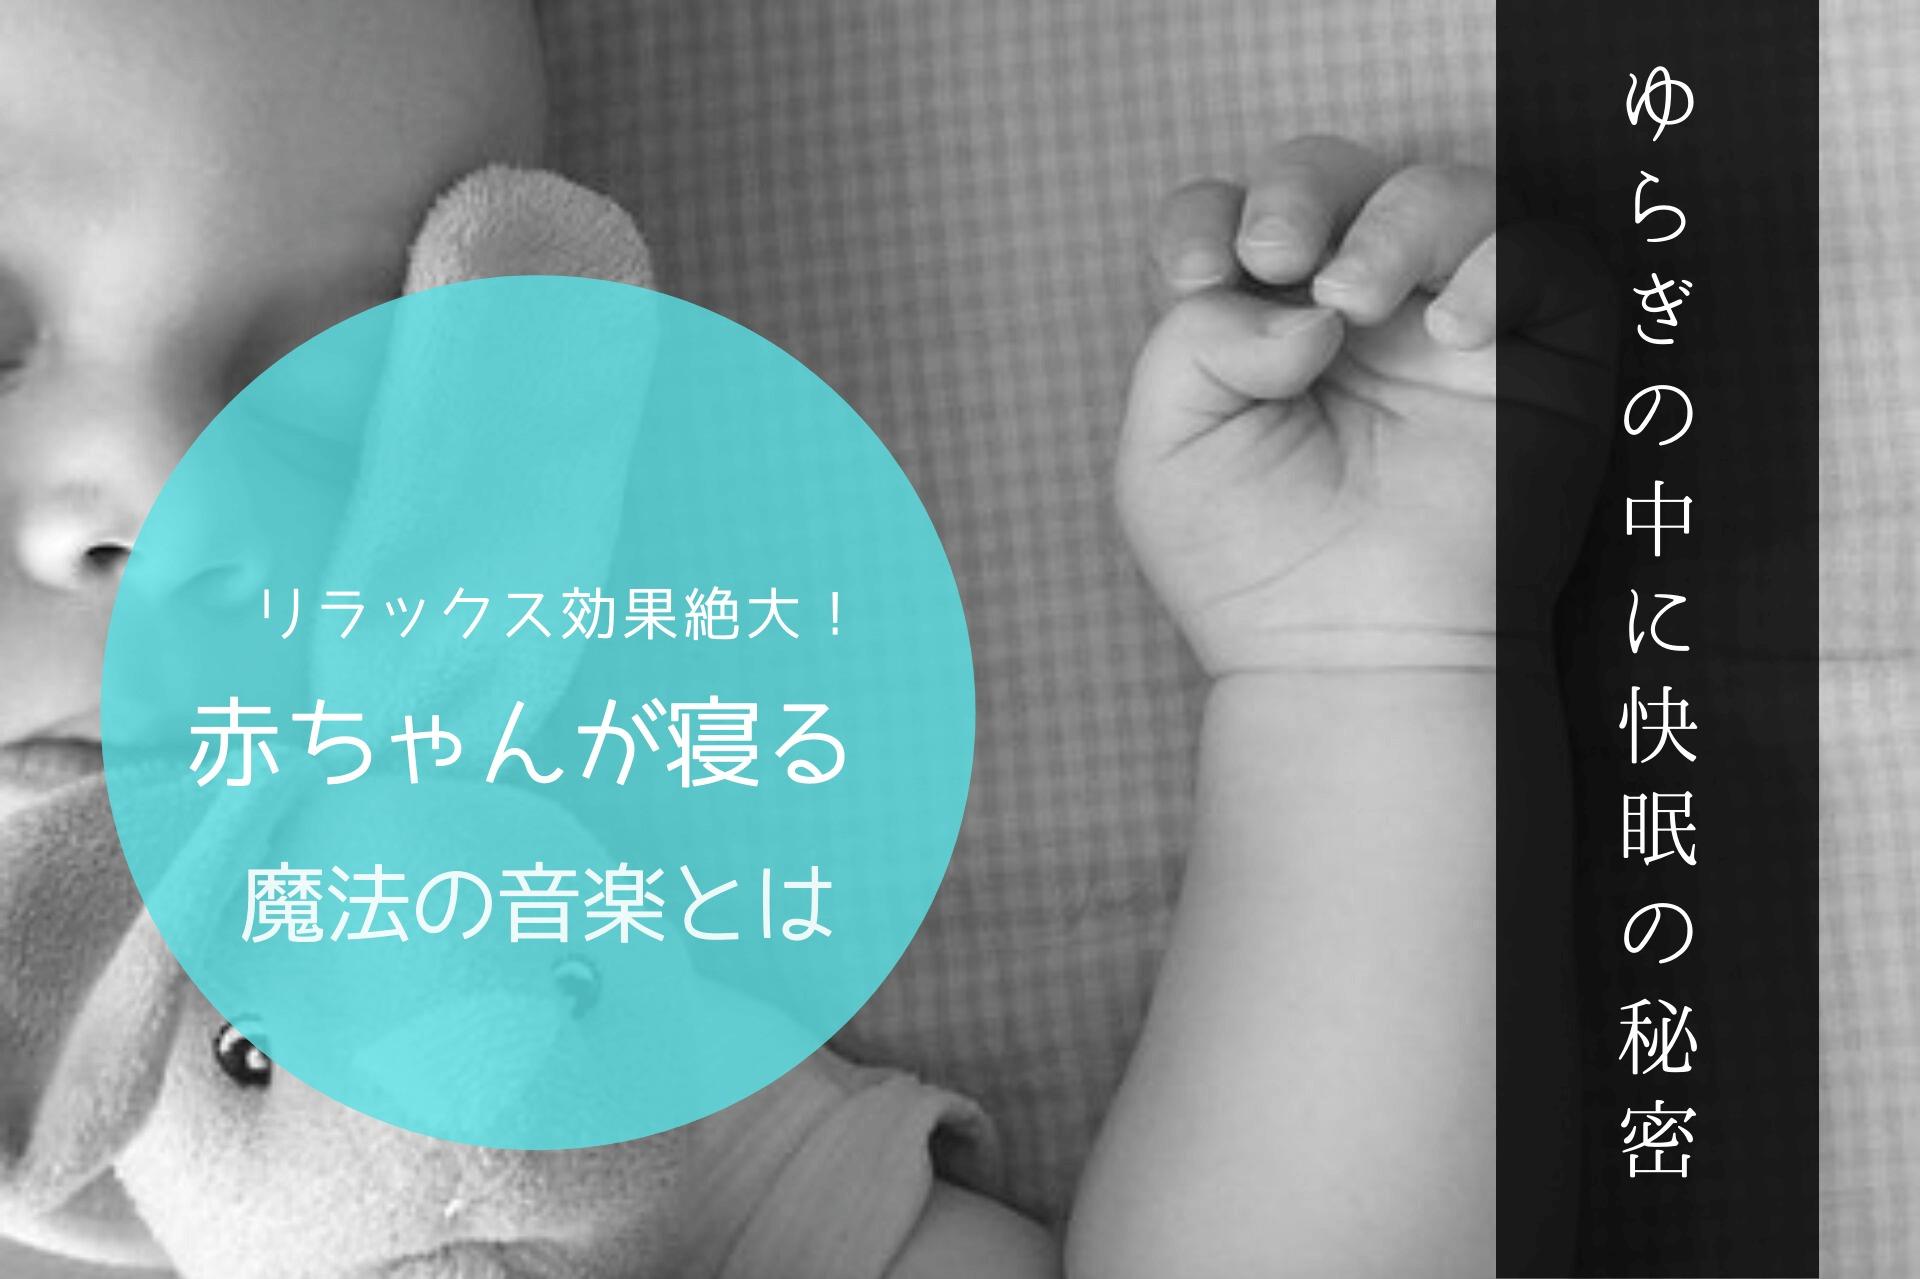 赤ちゃんが寝ない。寝かしつけにおすすめ音楽!あっという間にスヤスヤ